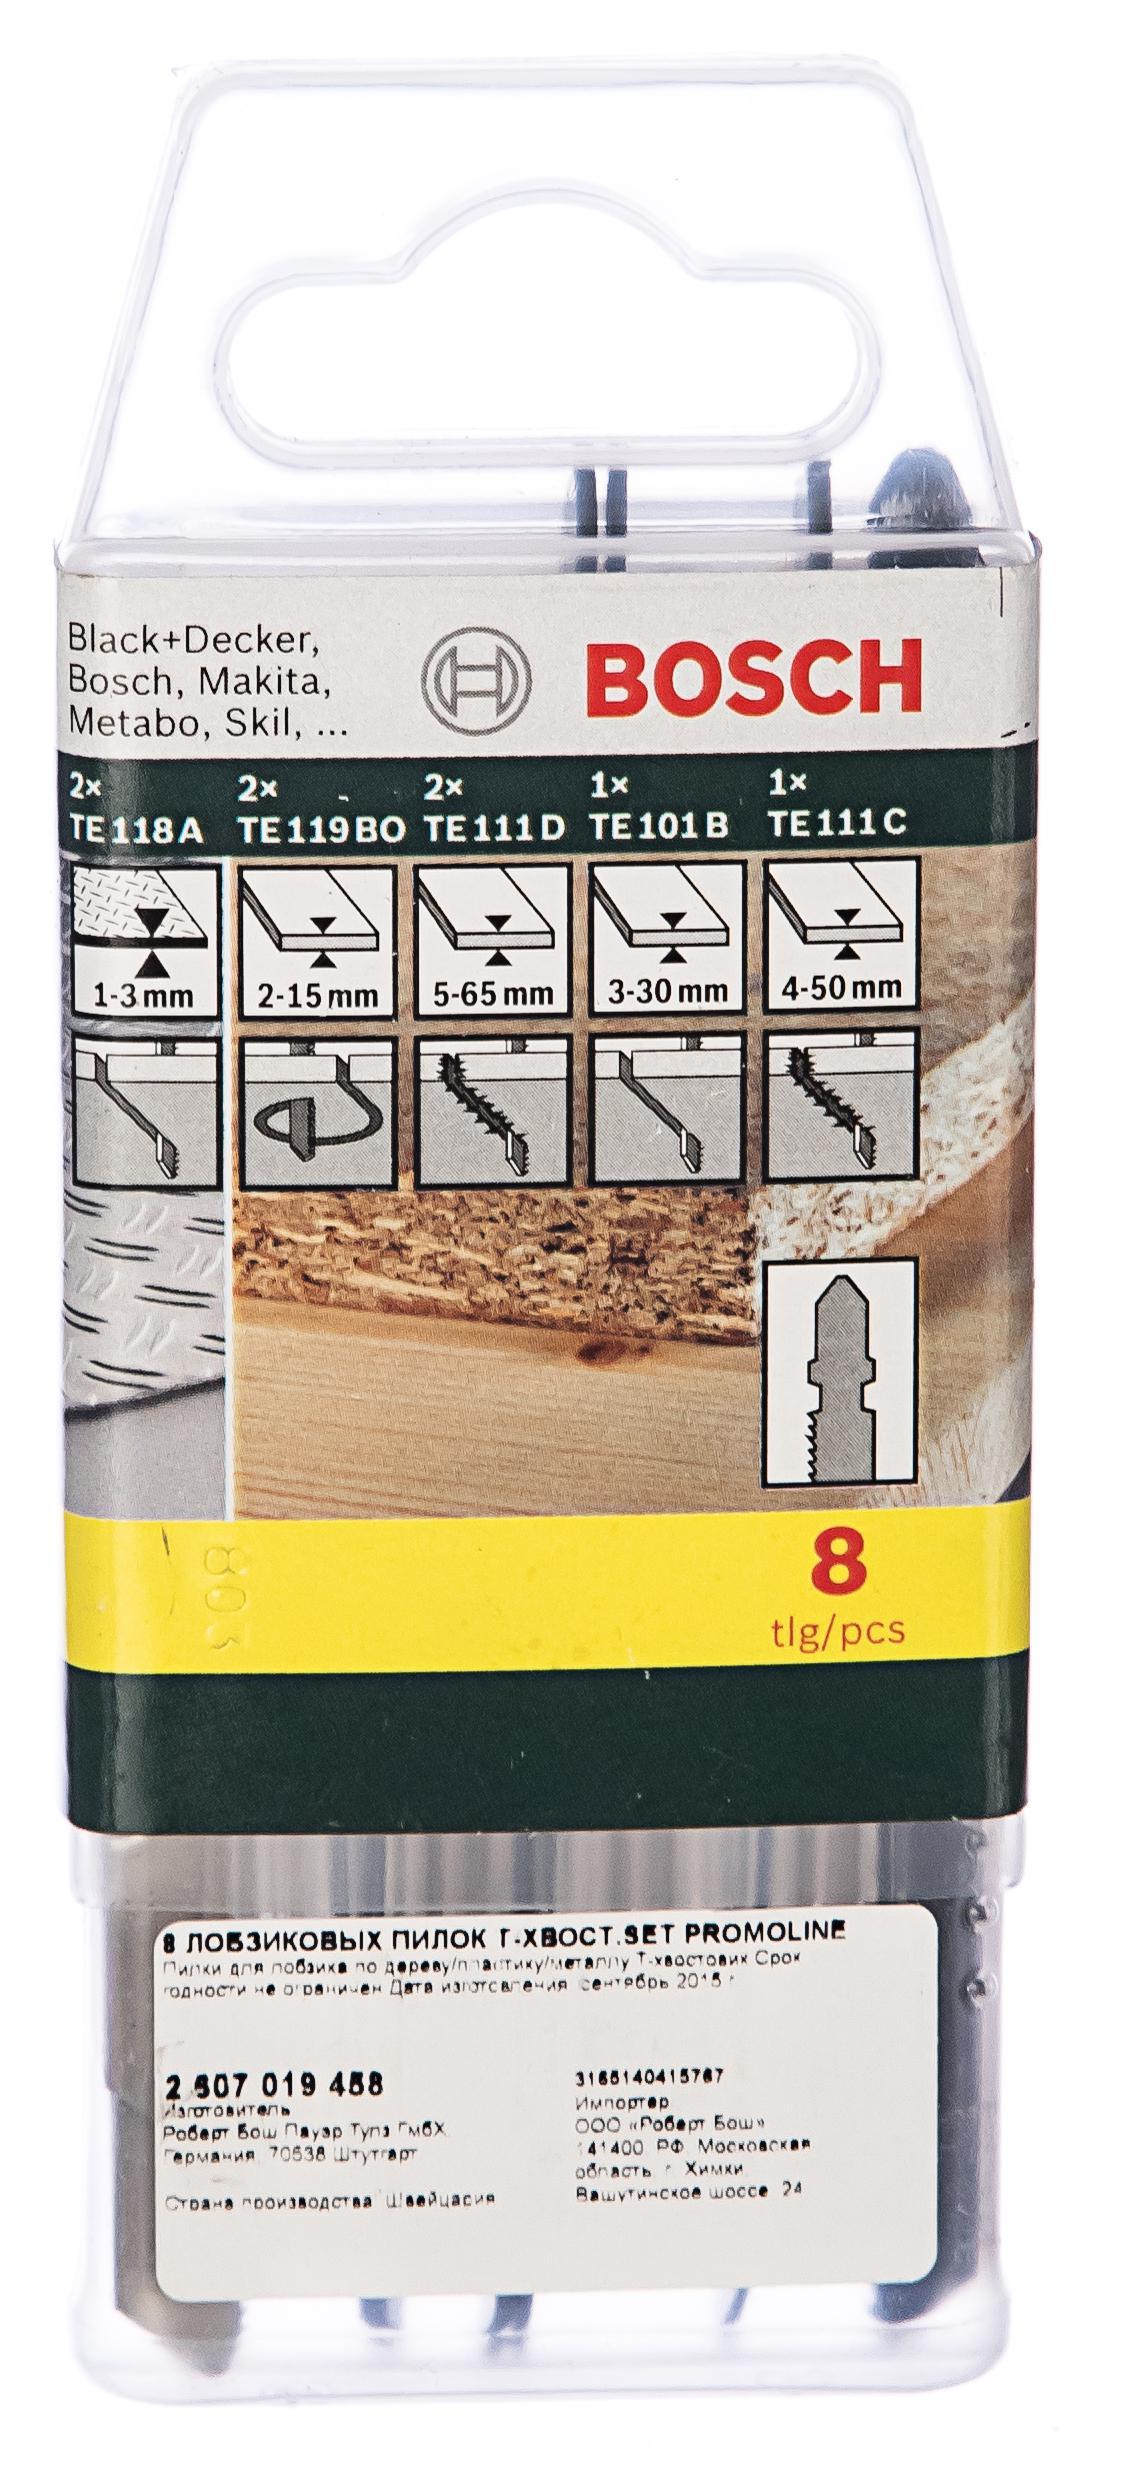 Набор пилок Bosch 2607019458 набор пилок для ручного лобзика bosch 2608636335 3 шт